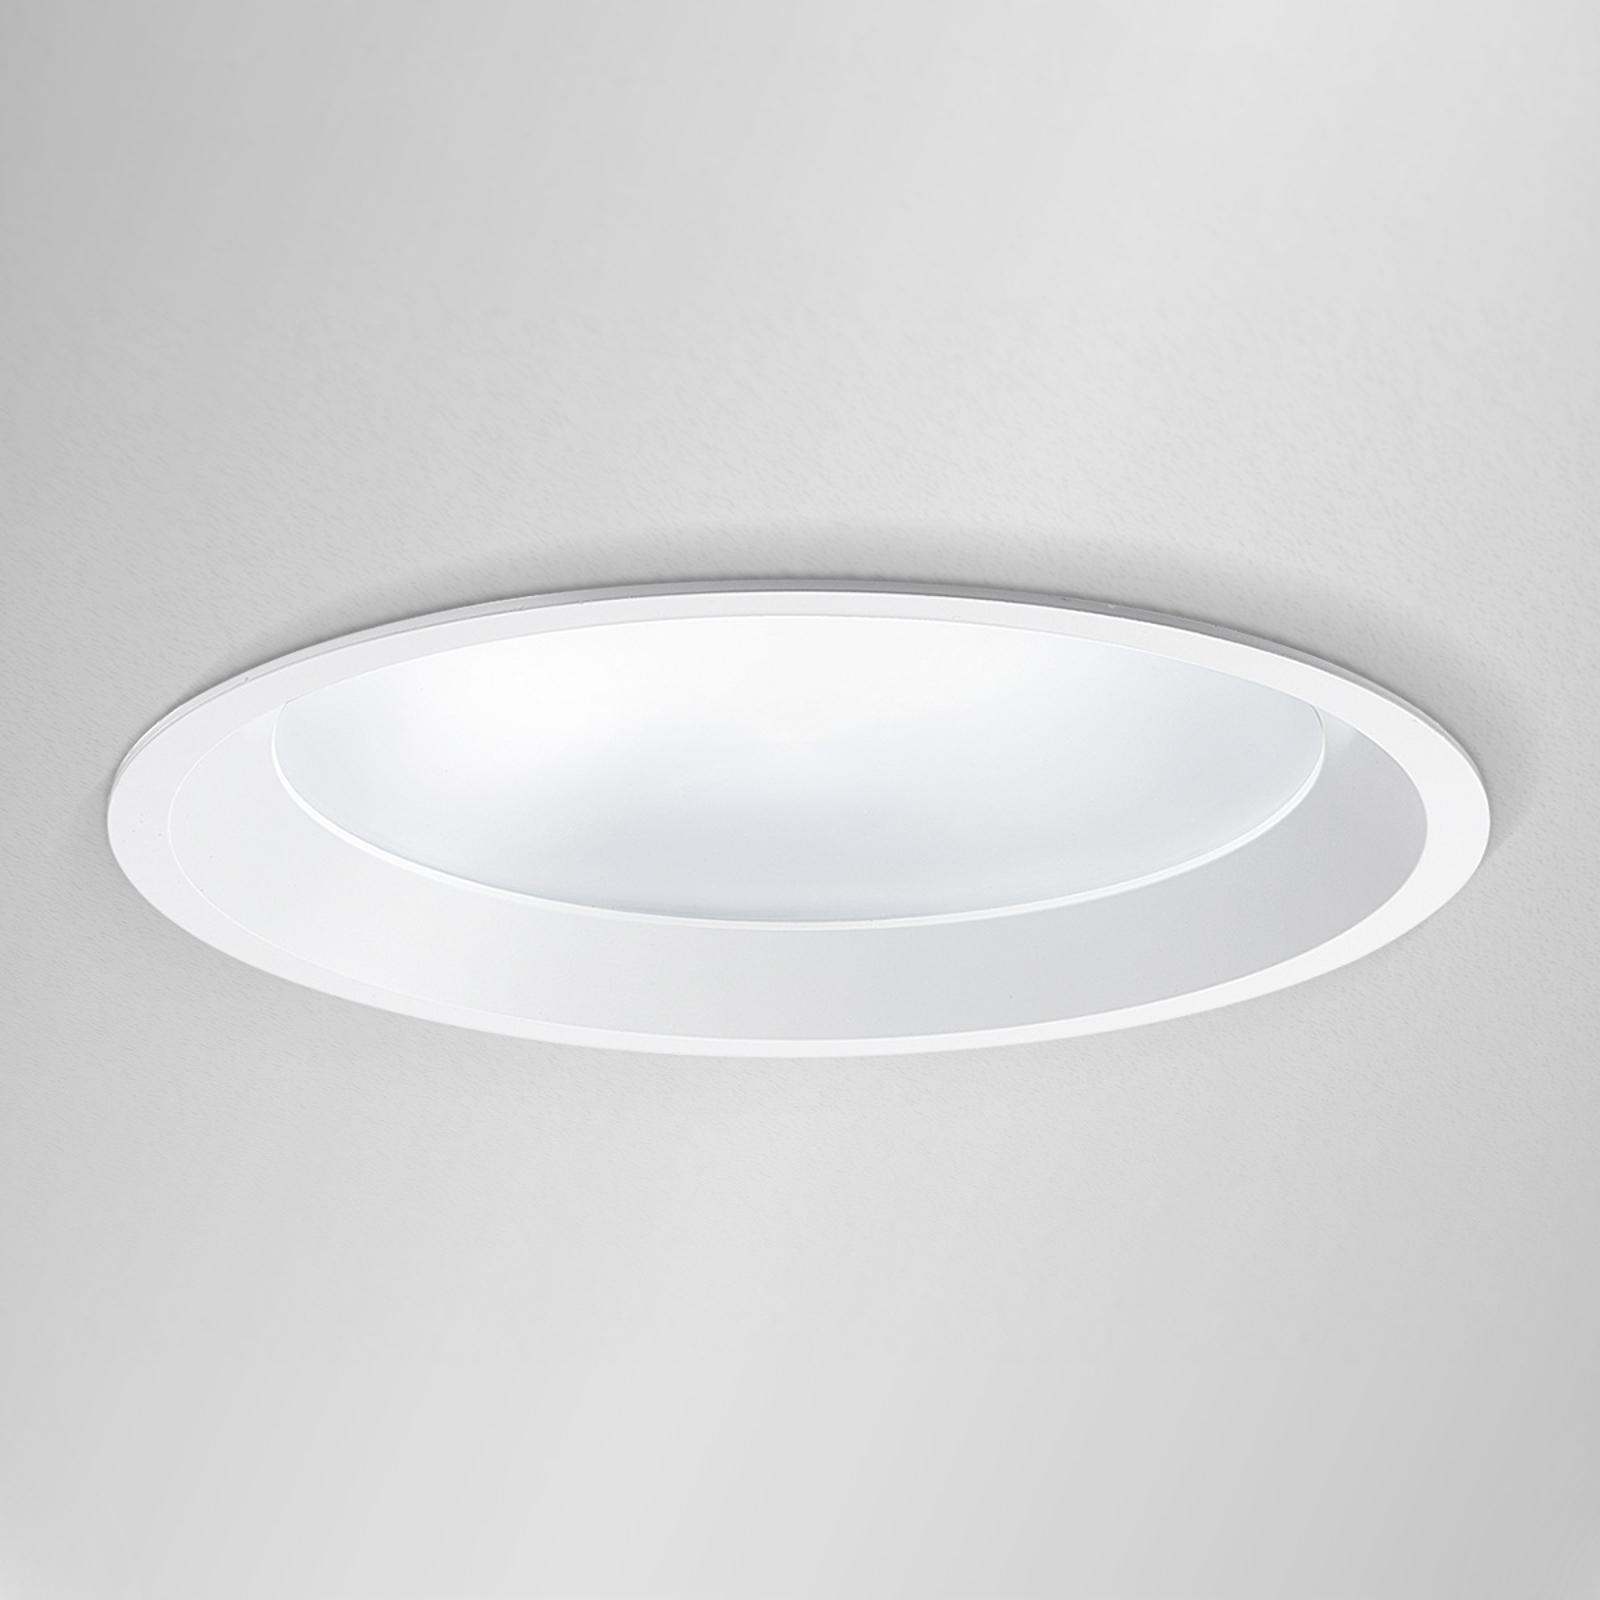 Průměr 19 cm - LED podhledový spot LED Strato 190